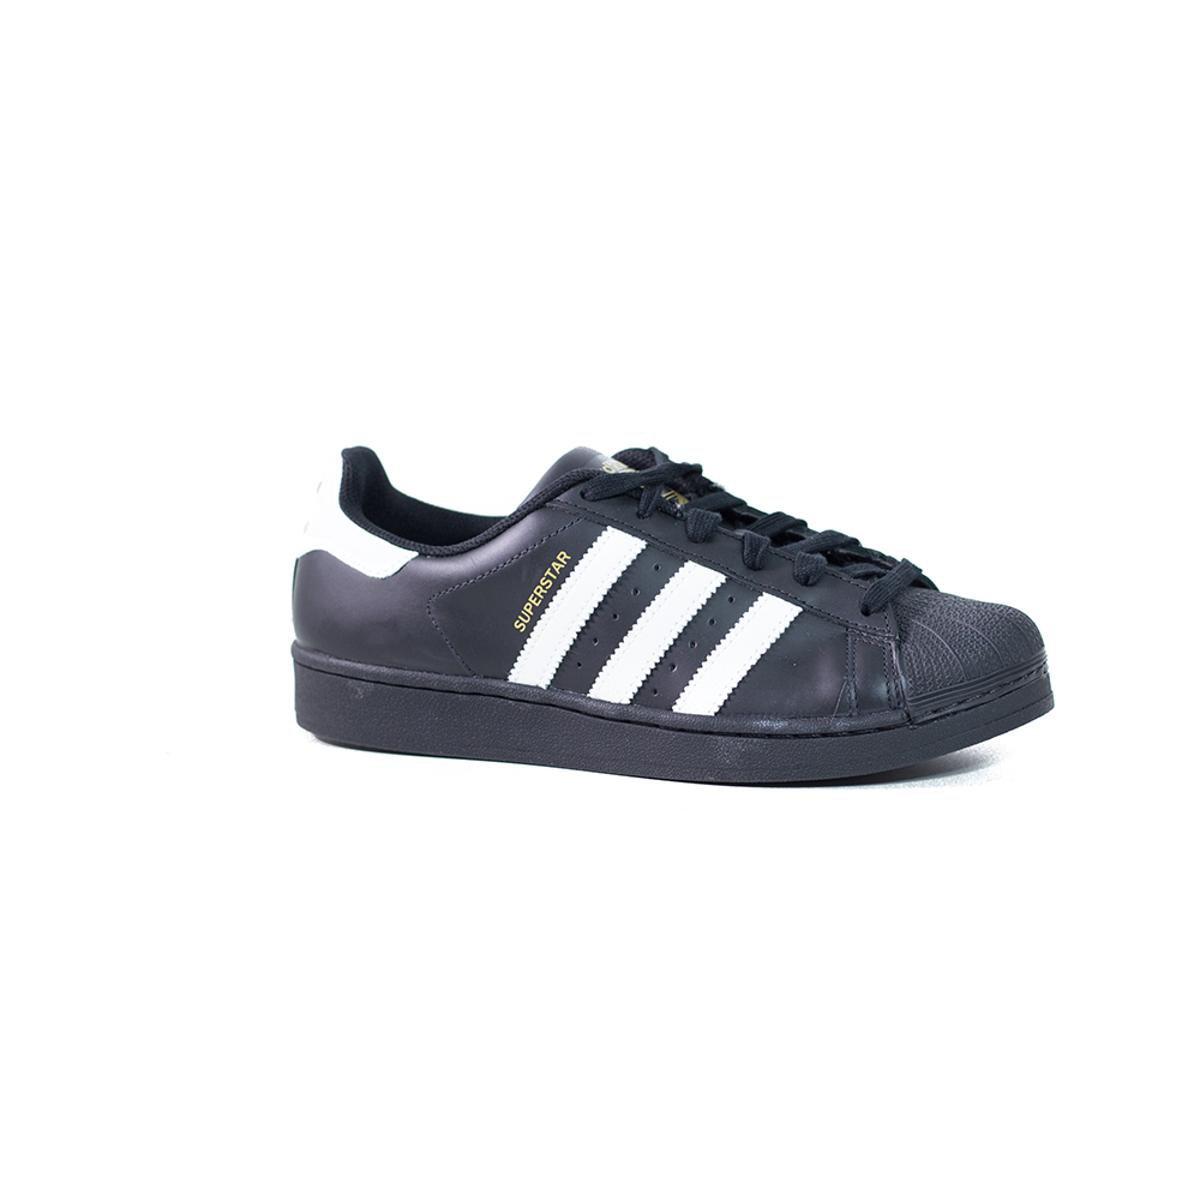 Tênis Adidas Superstar Foundation - Compre Agora  1120c29b29da2